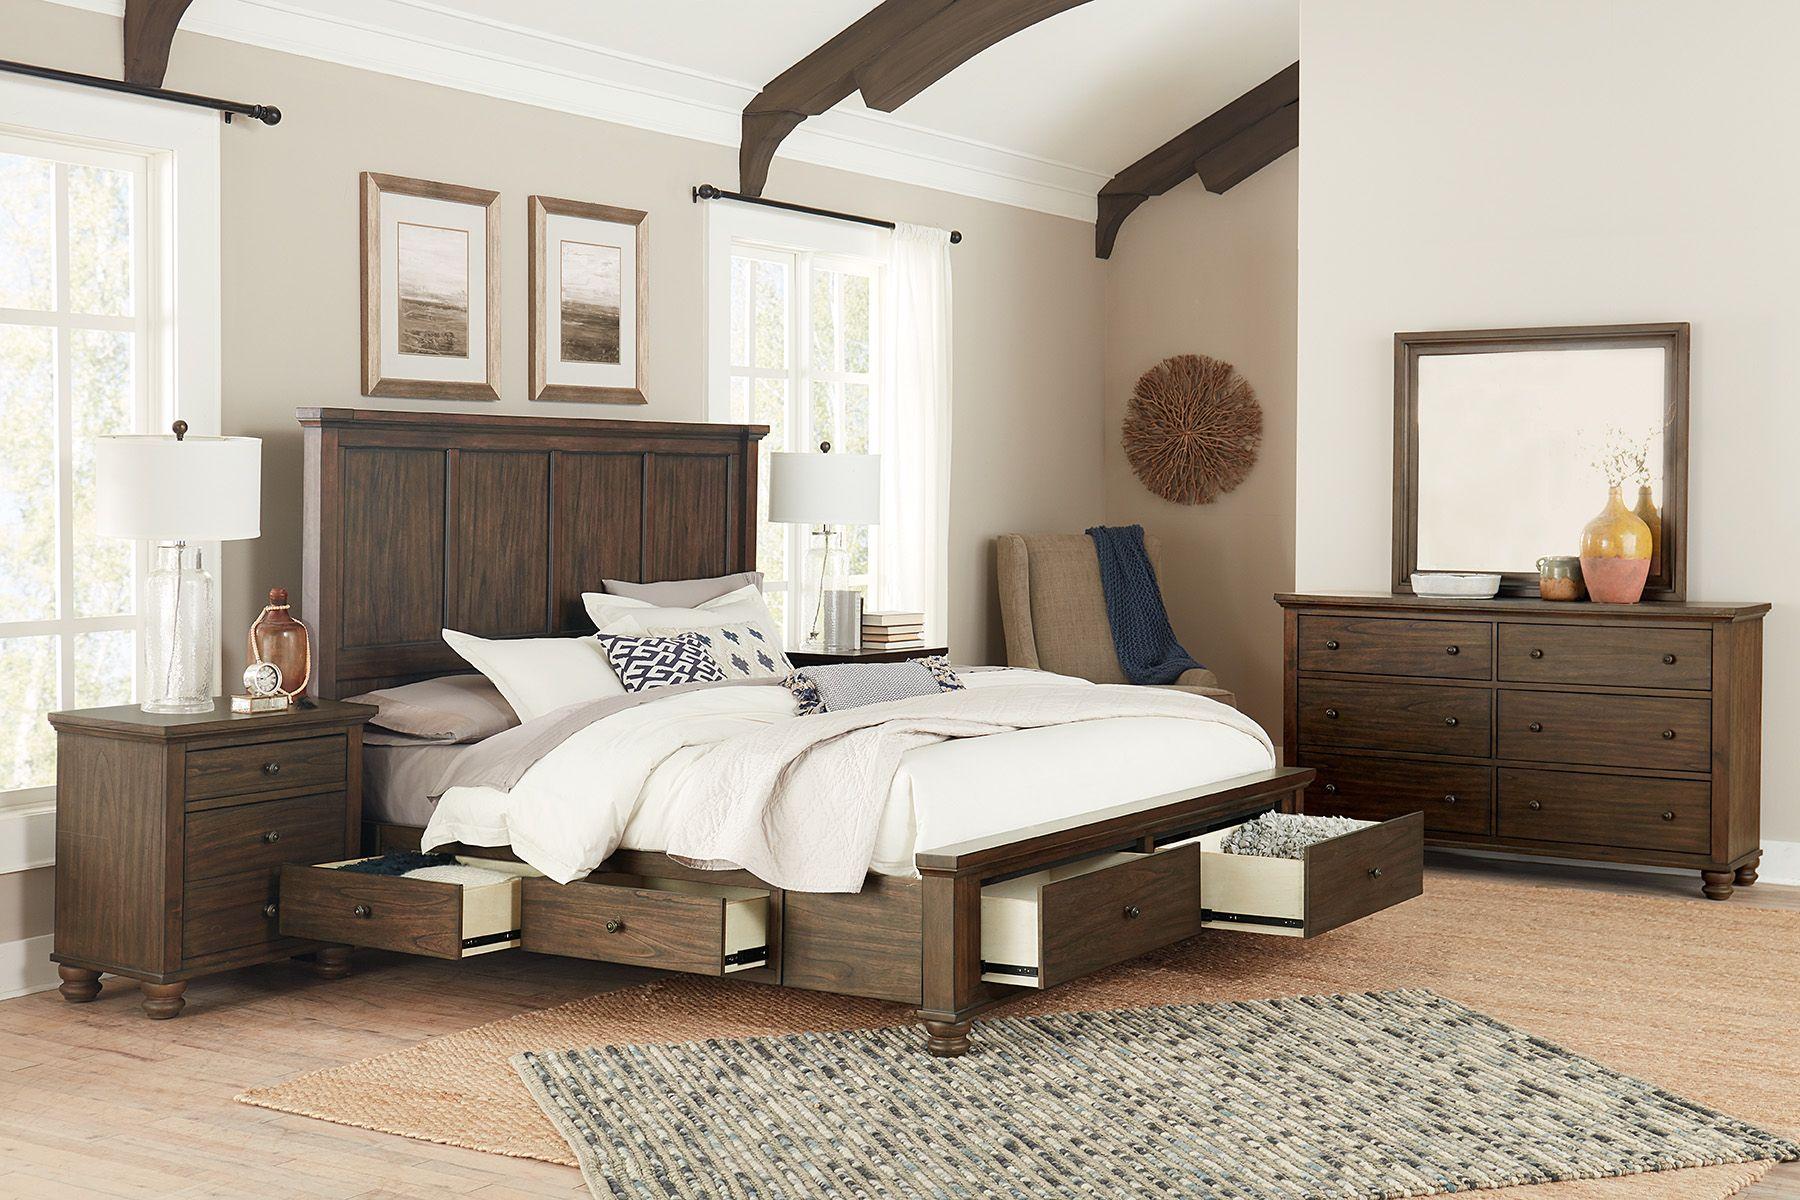 Bedroom Storage Maximized Storage Bed Bedroom Set King Bedroom Sets